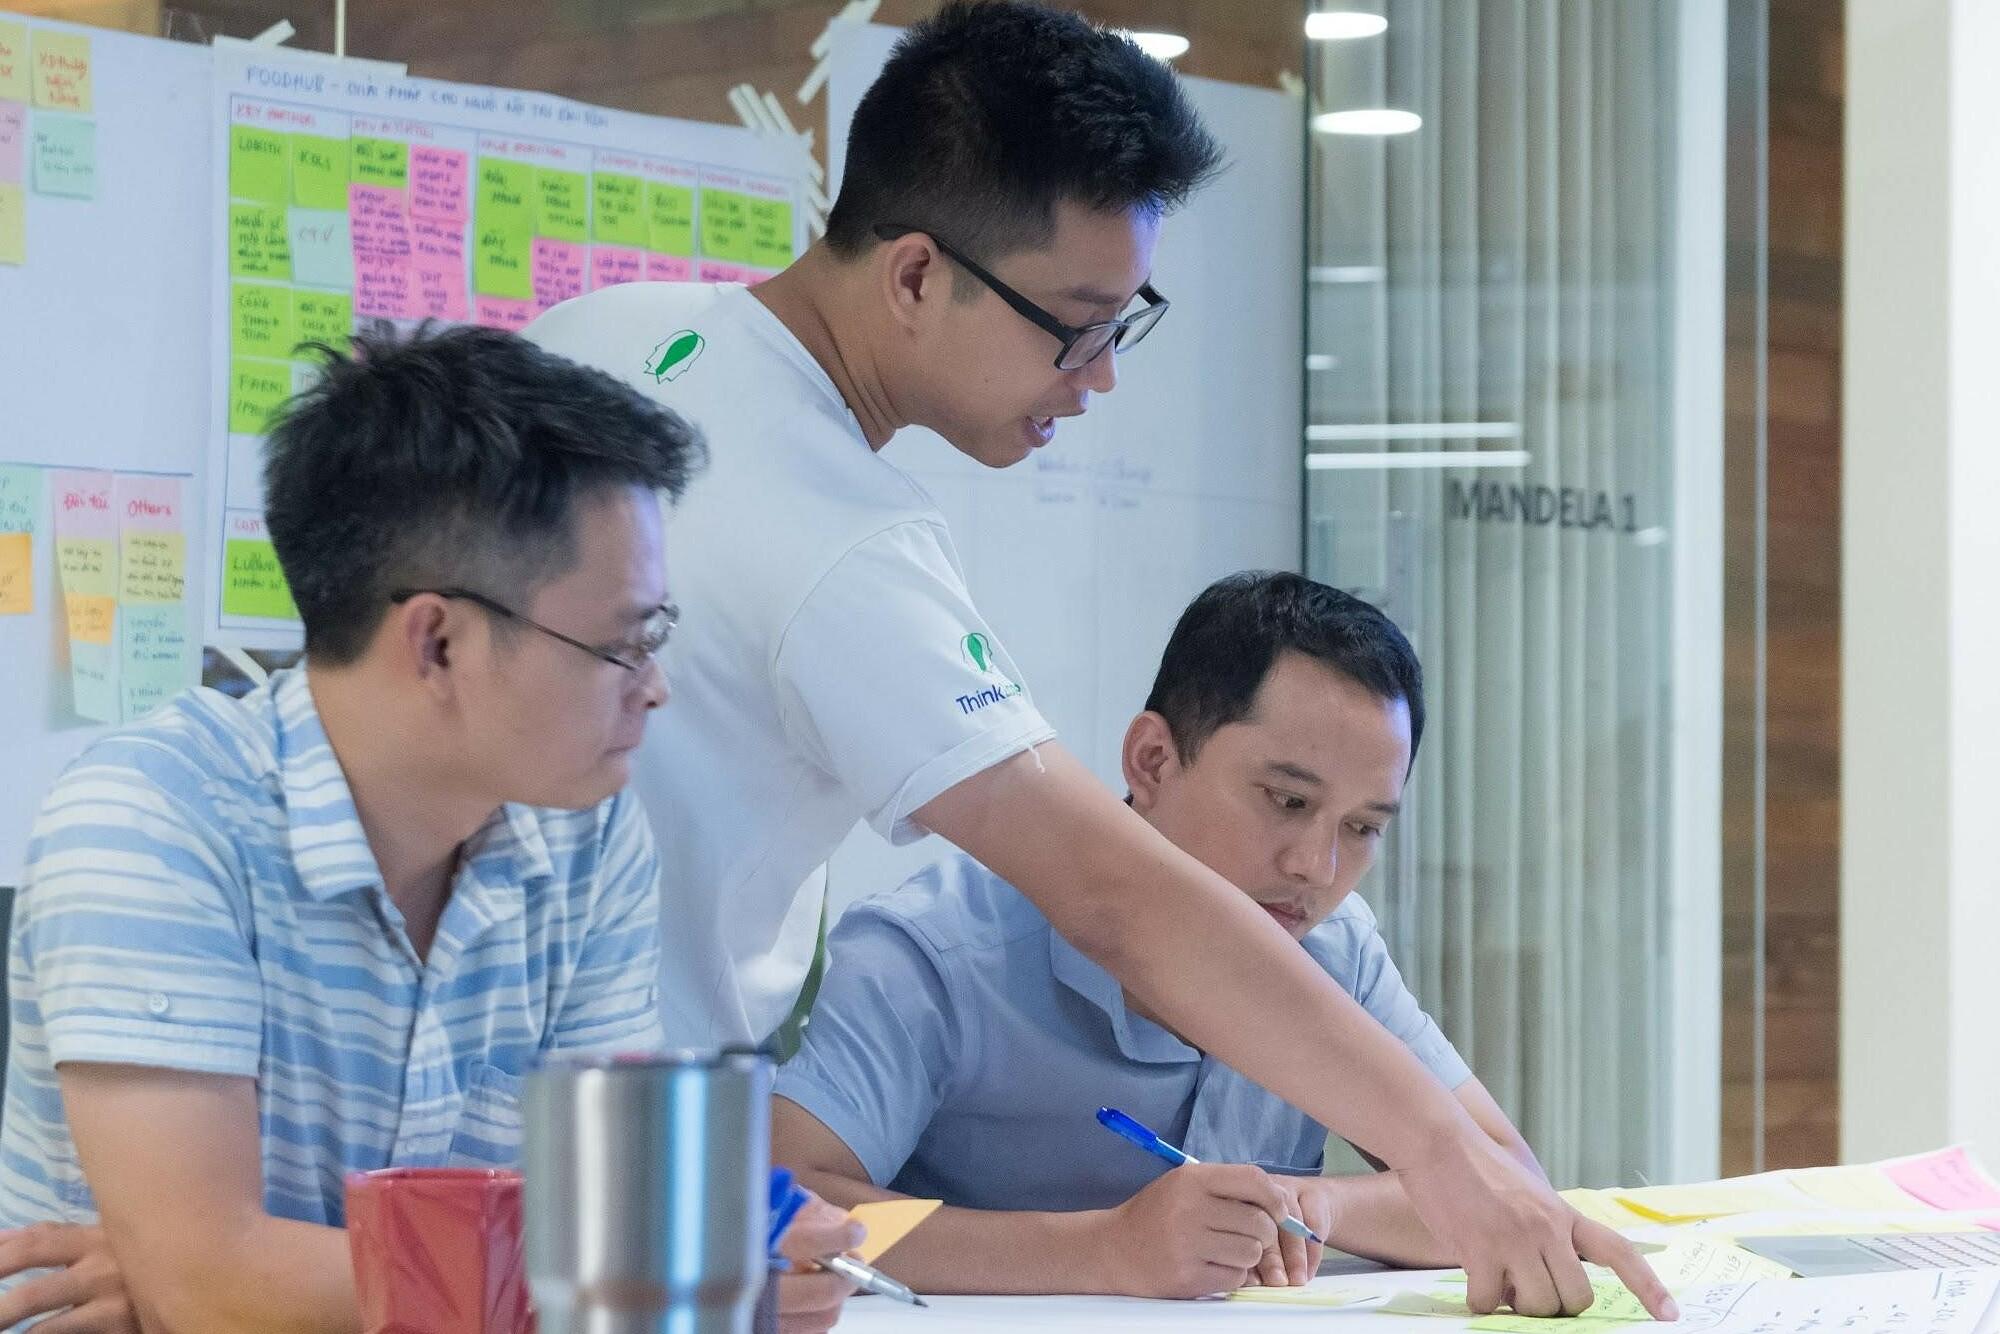 ThinkZone đào tạo cho các startup ứng dụng phương pháp Design Thinking (tư duy thiết kế). Ảnh: ThinkZone.